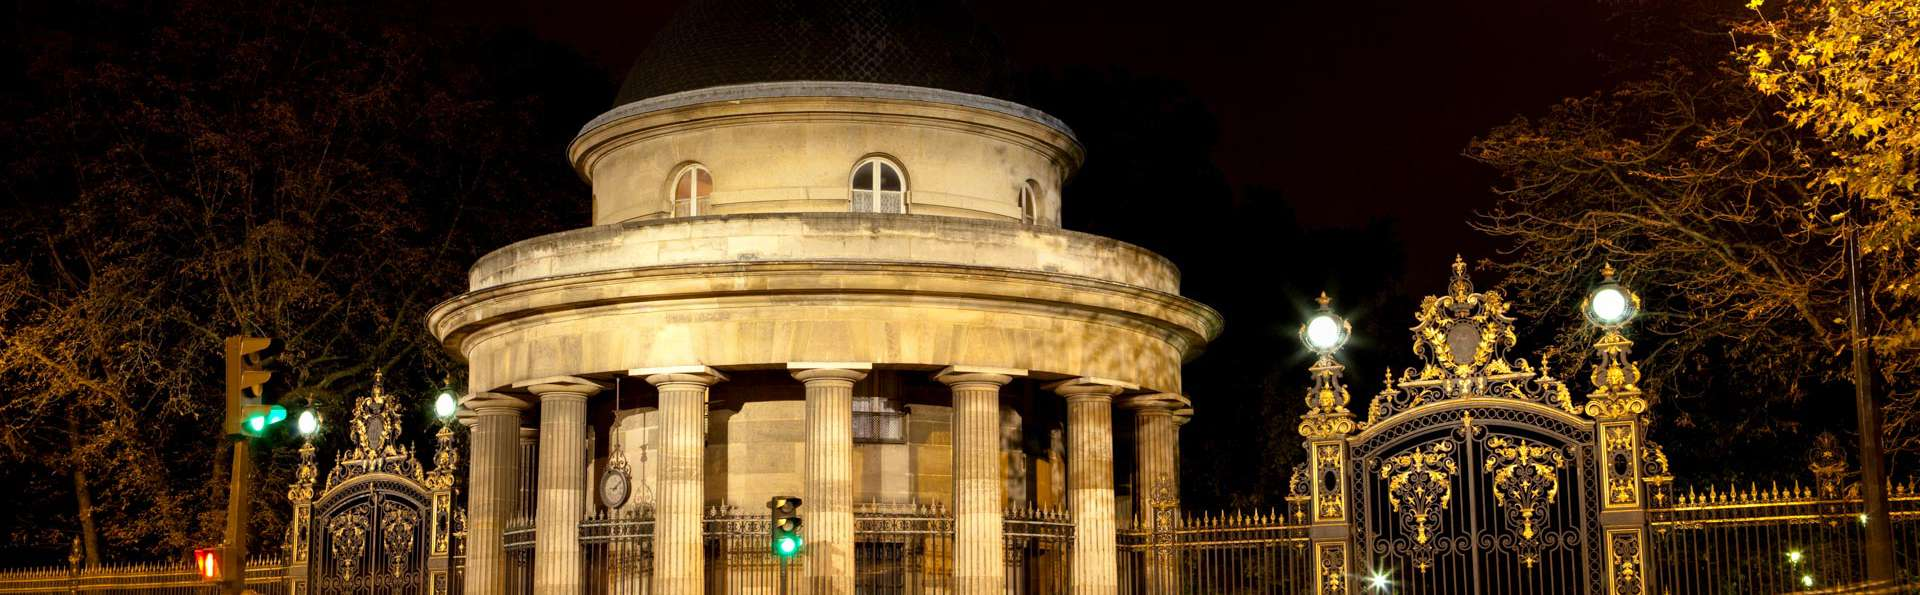 Hôtel Les Jardins de la Villa & Spa  - EDIT_DESTINATION_03.jpg